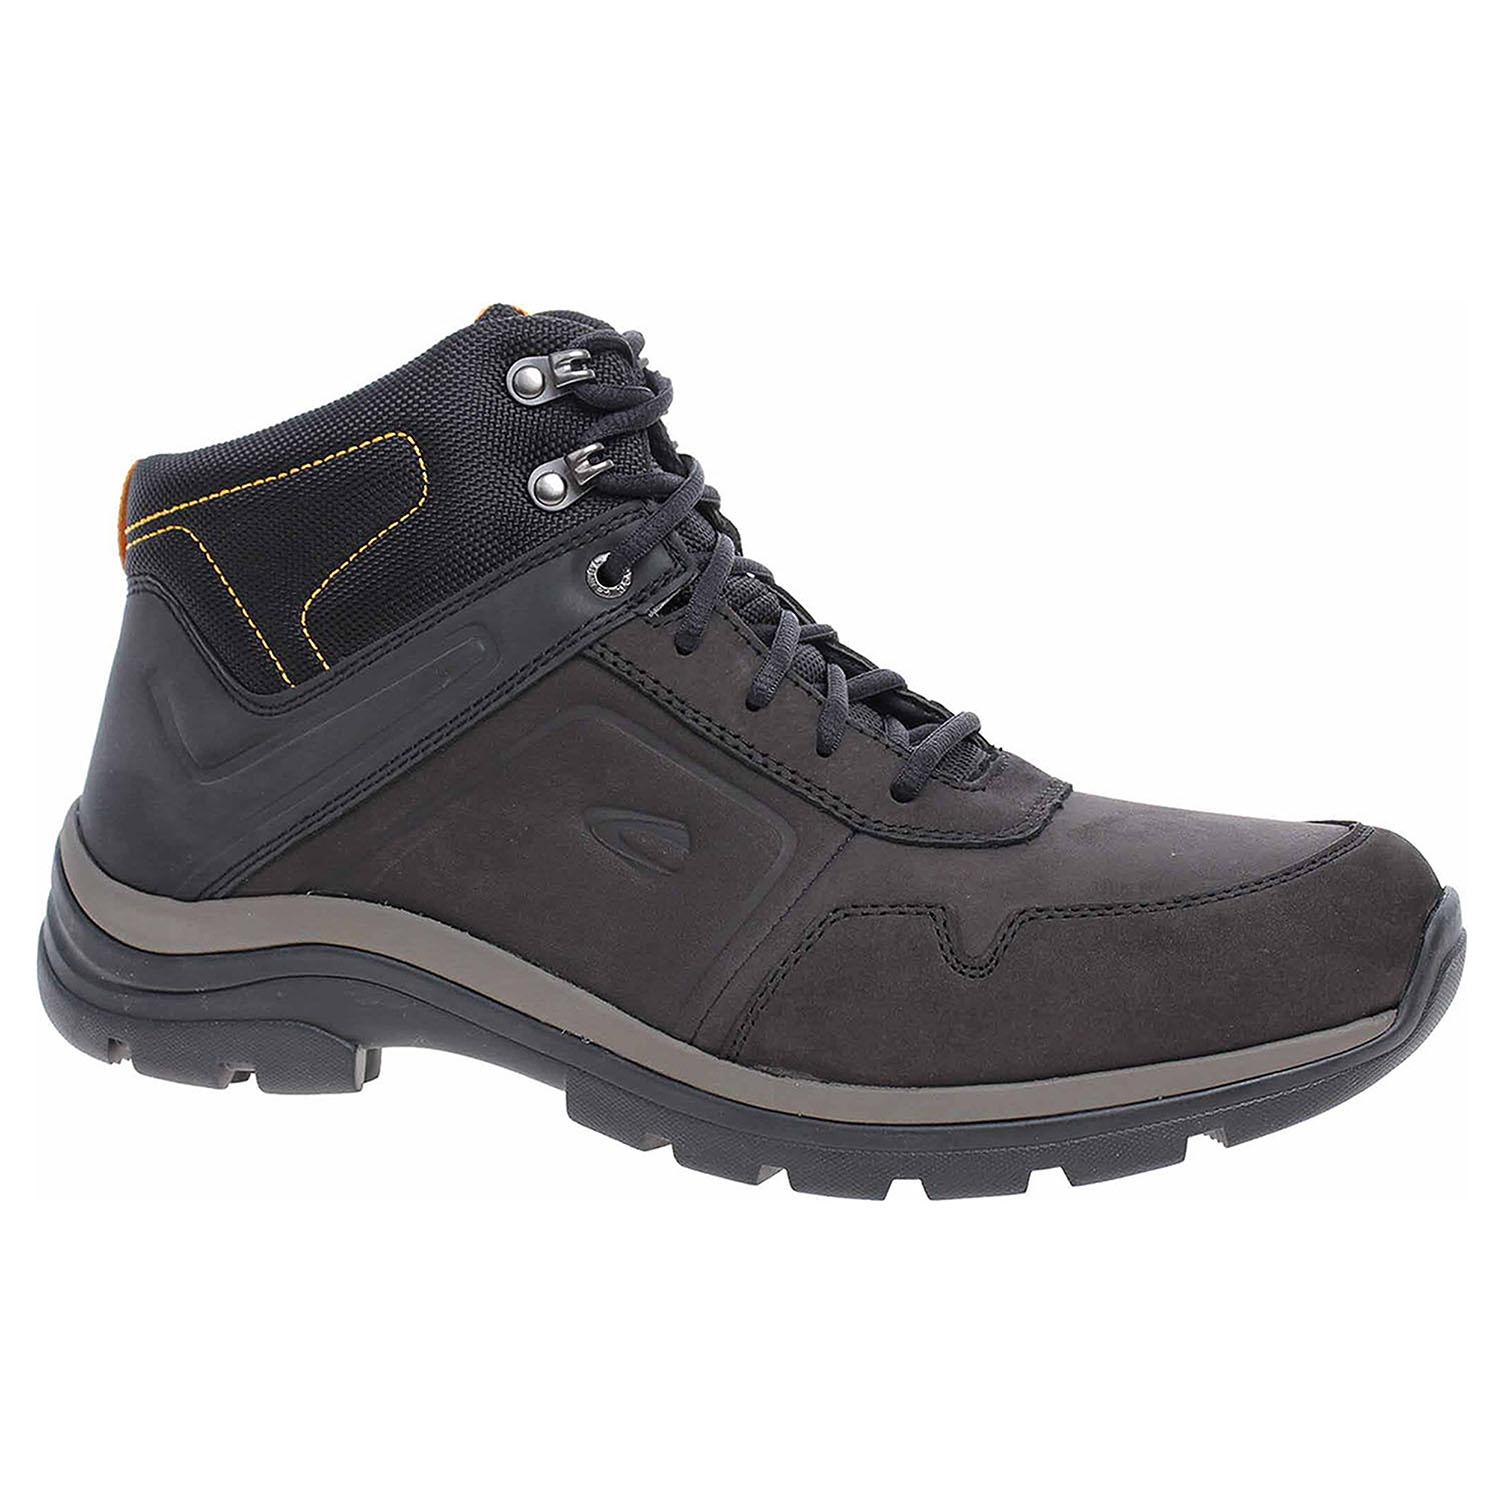 Pánská kotníková obuv Camel Active 532.12.11 black 532.12.11 42